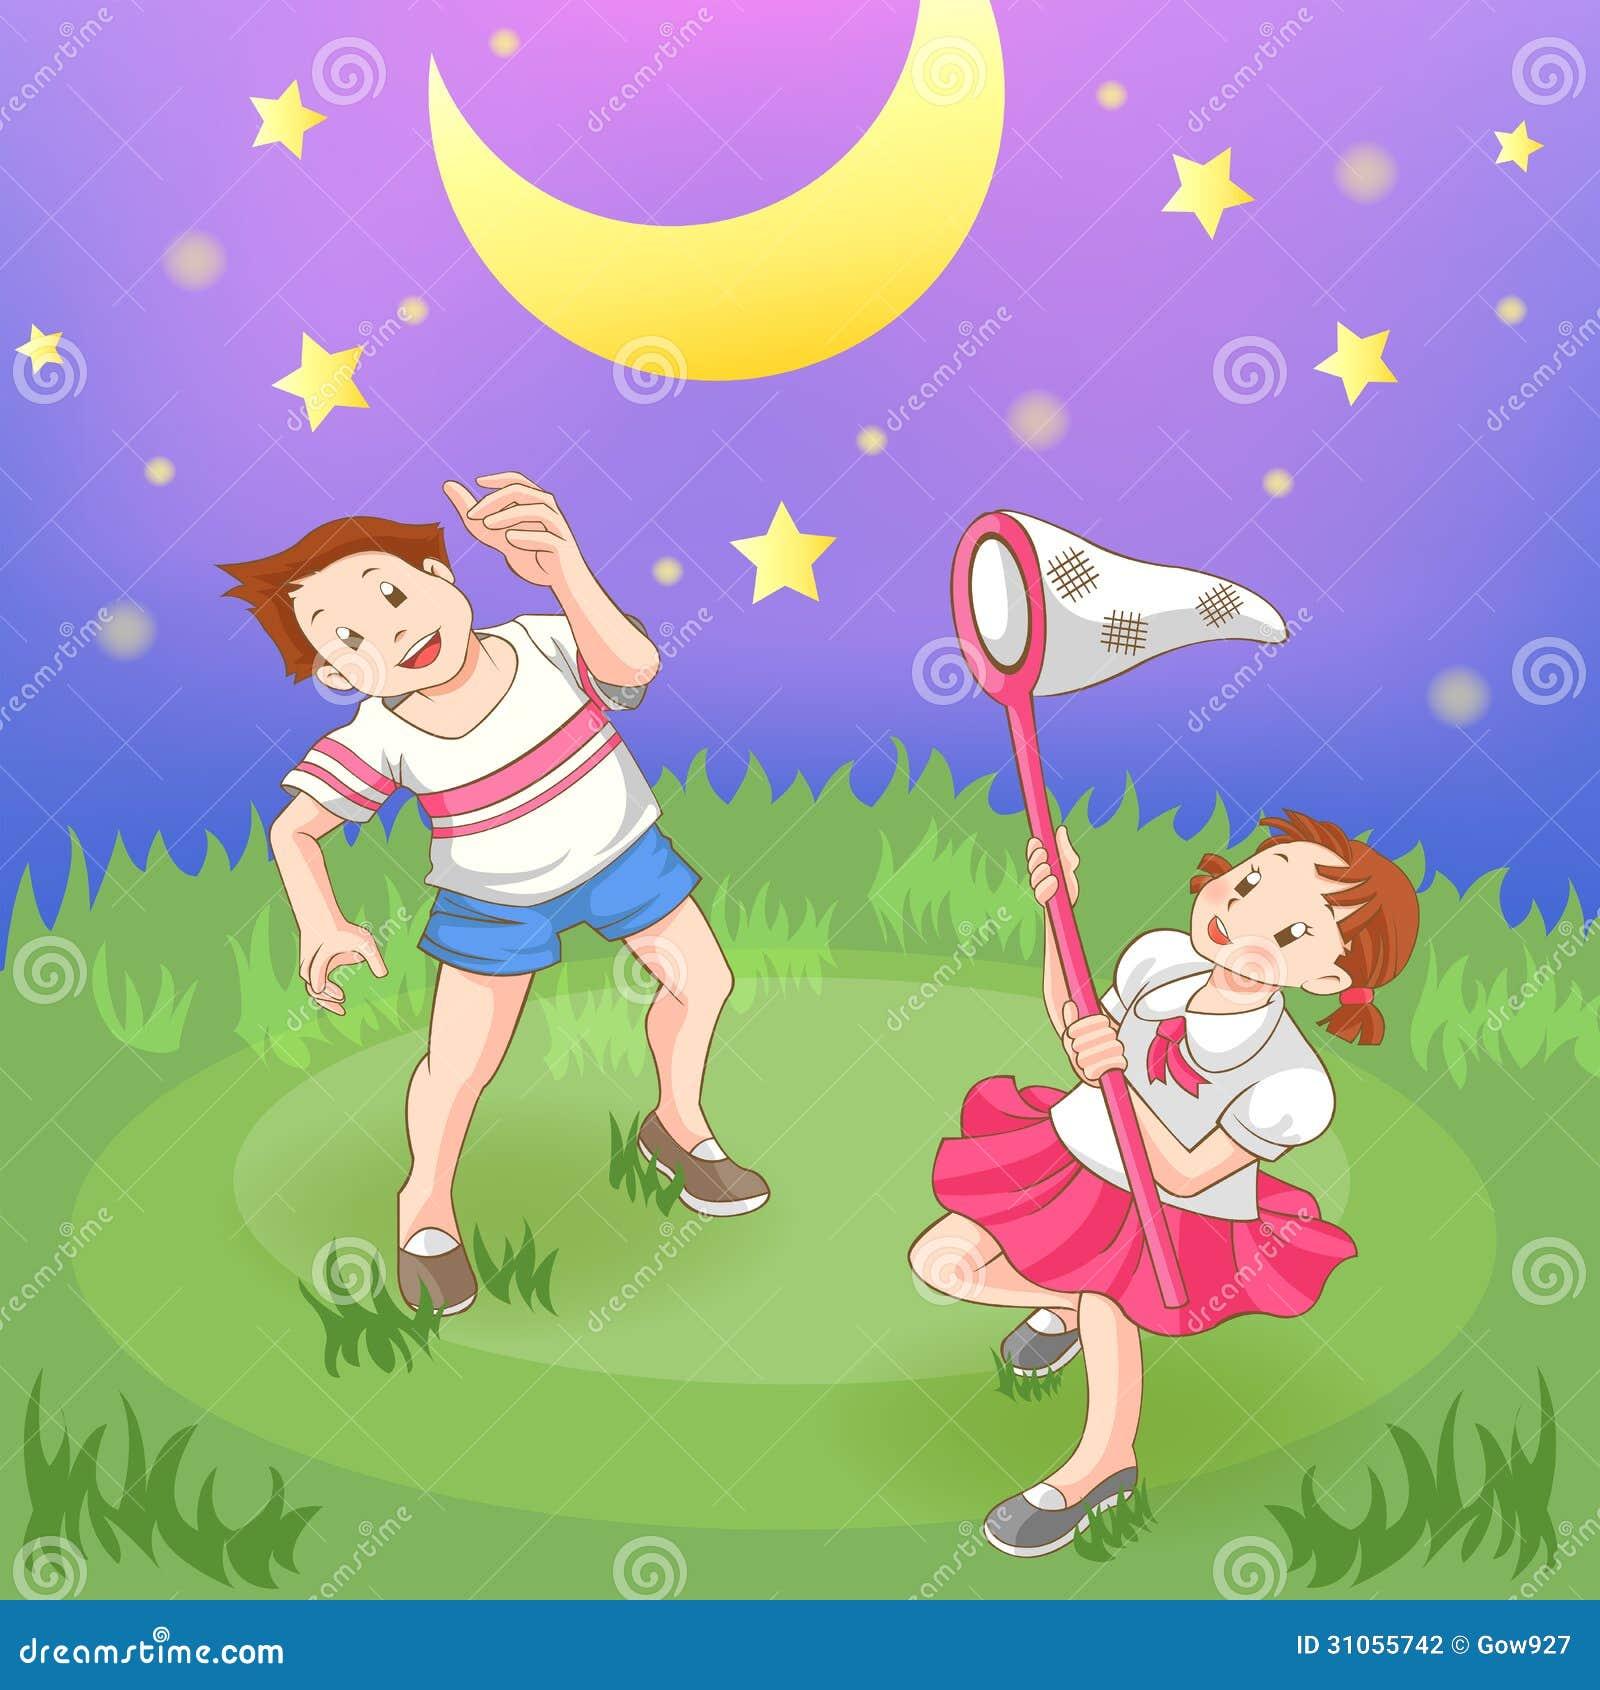 Mond Sterne Kleid: Zwei Kinder, Welche Die Sterne Fangen. Stockfotografie